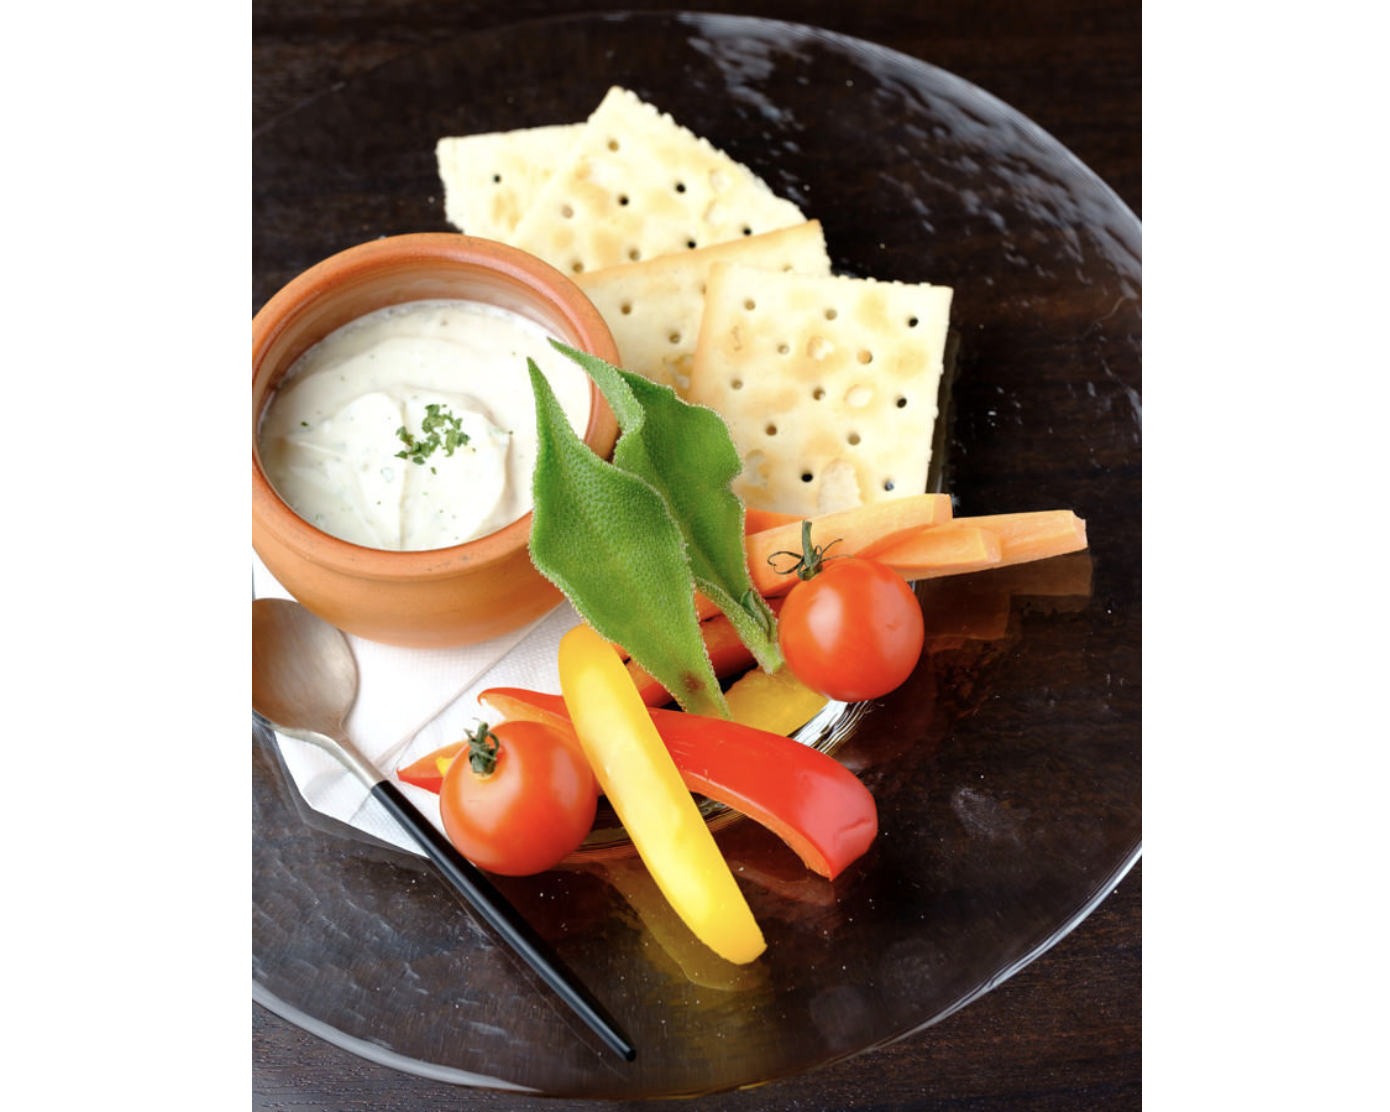 チーズ料理とワインブッフェの『Chambrer(シャンブレ)』が一社にオープン - a4830d452213f84e0abae85df7d7f18c